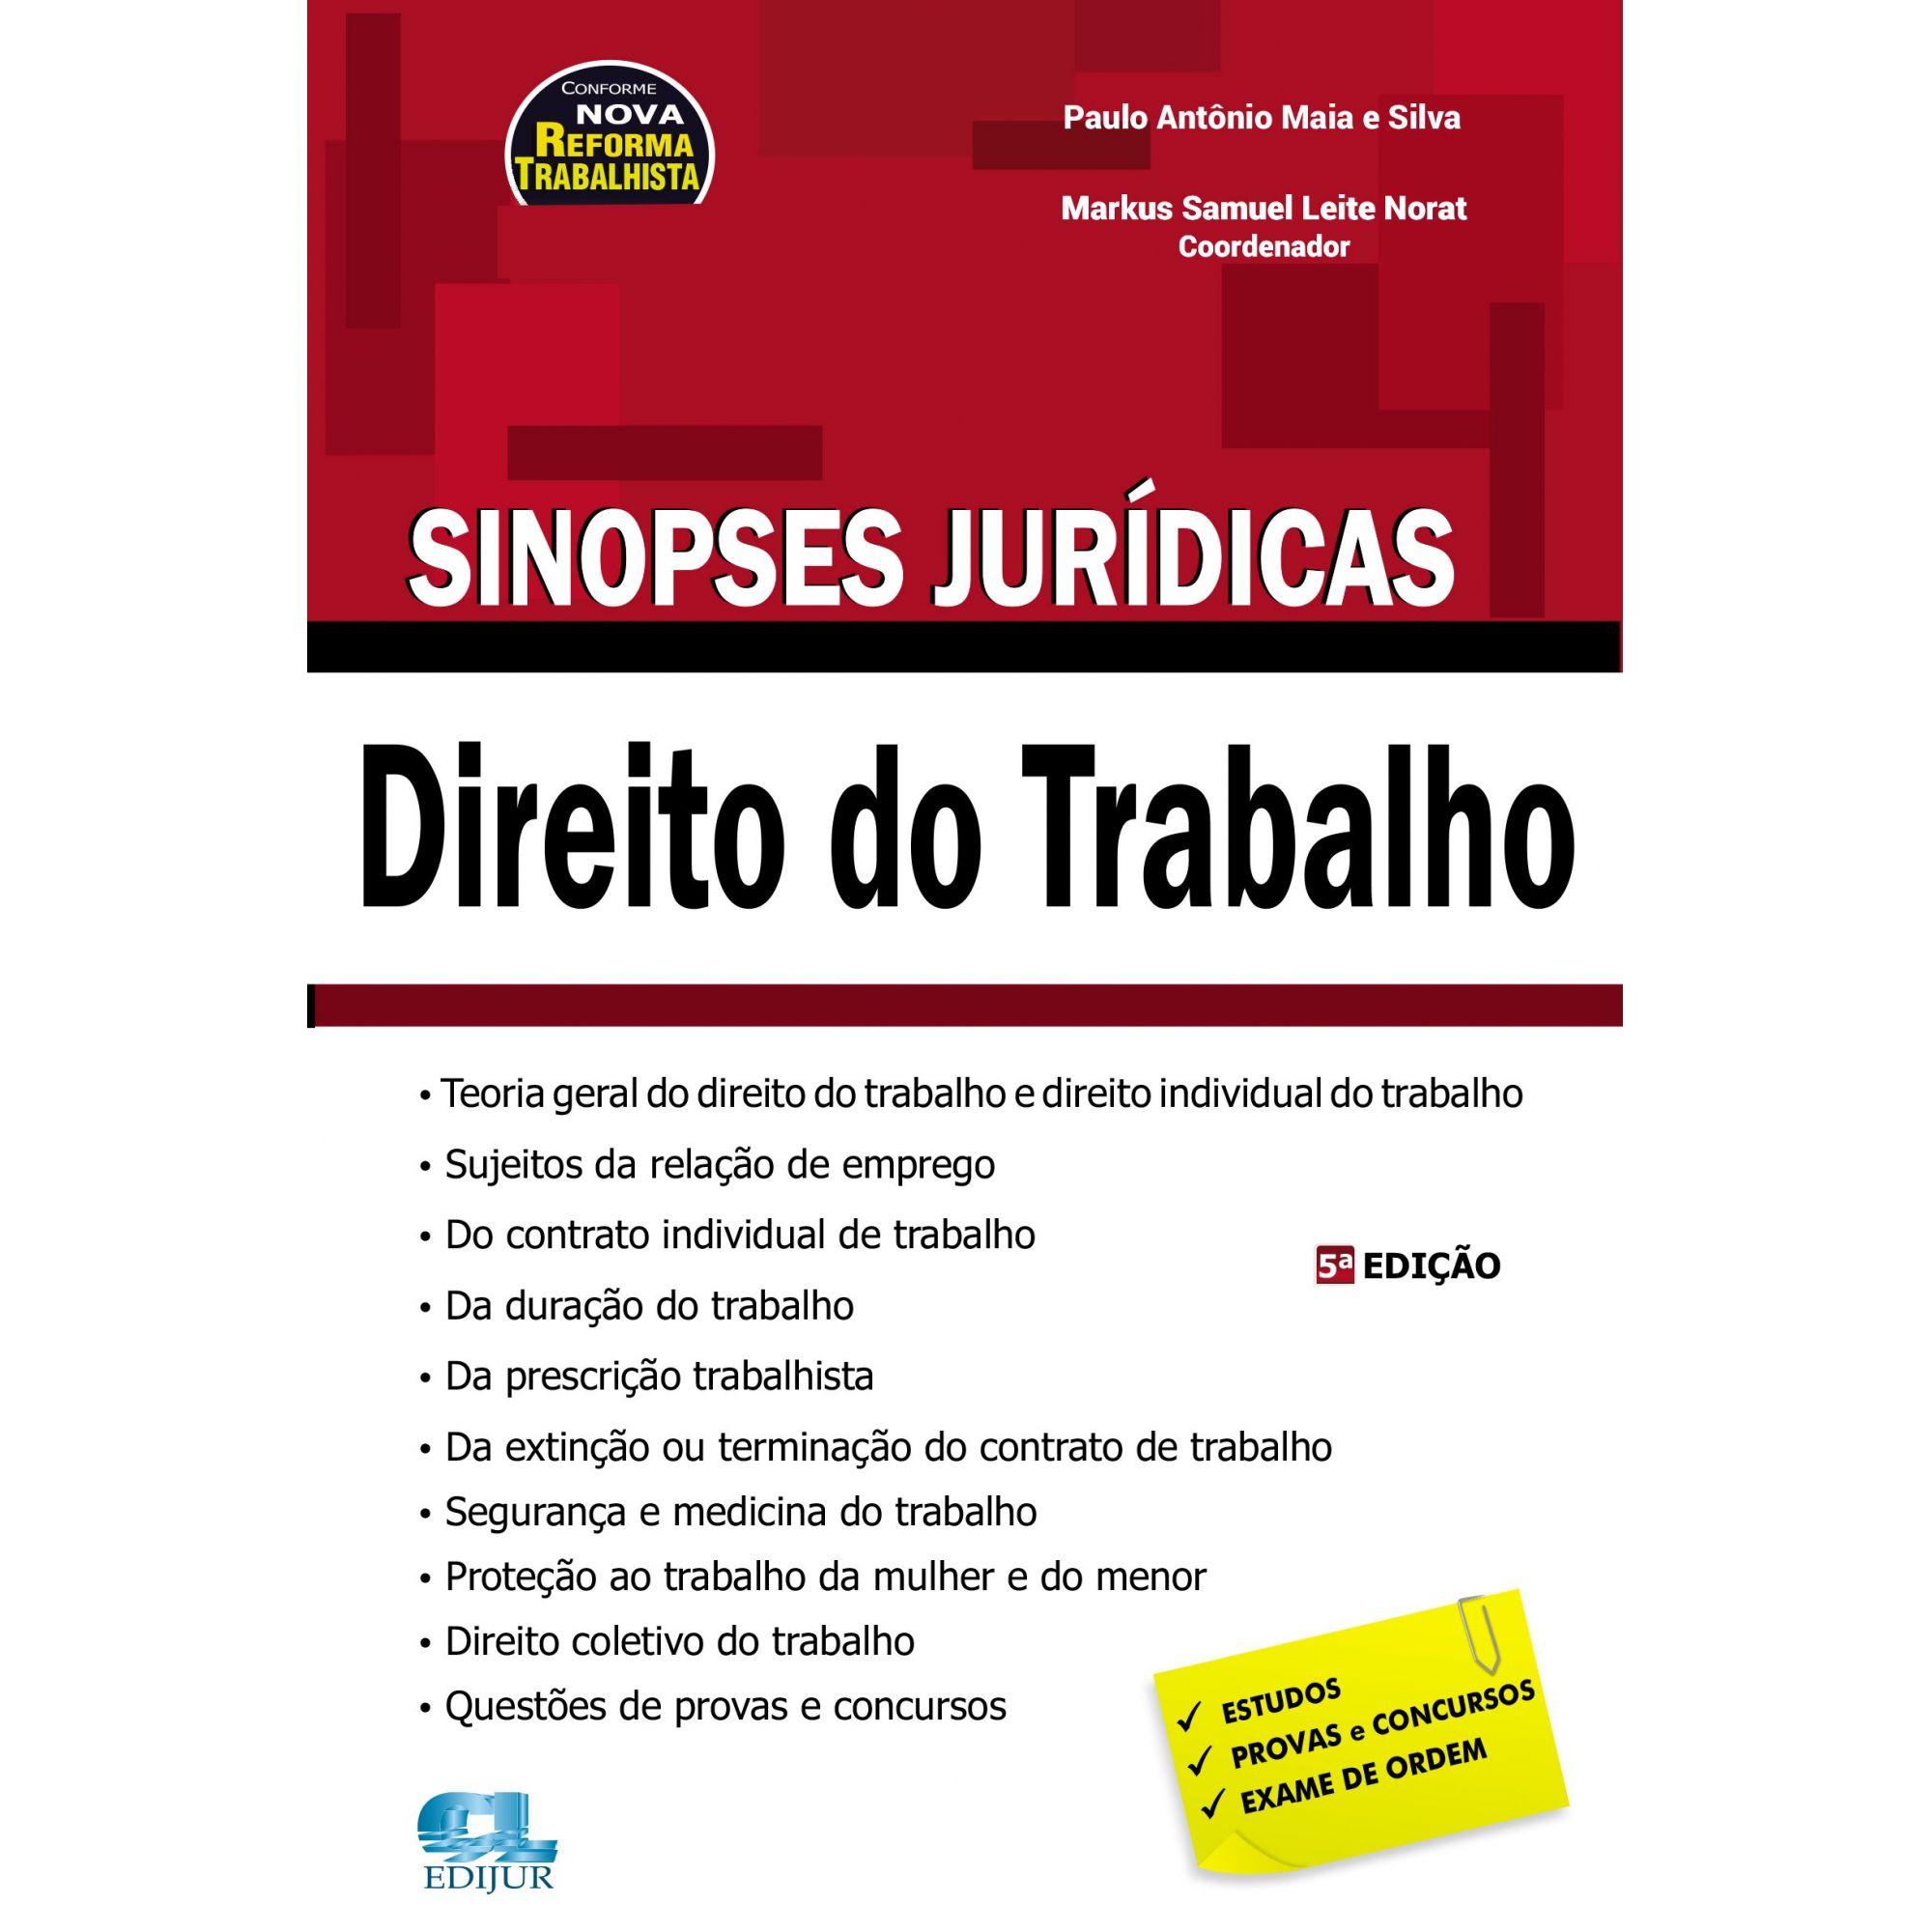 Sinopses Jurídicas - Direito do Trabalho  - Edijur Editora